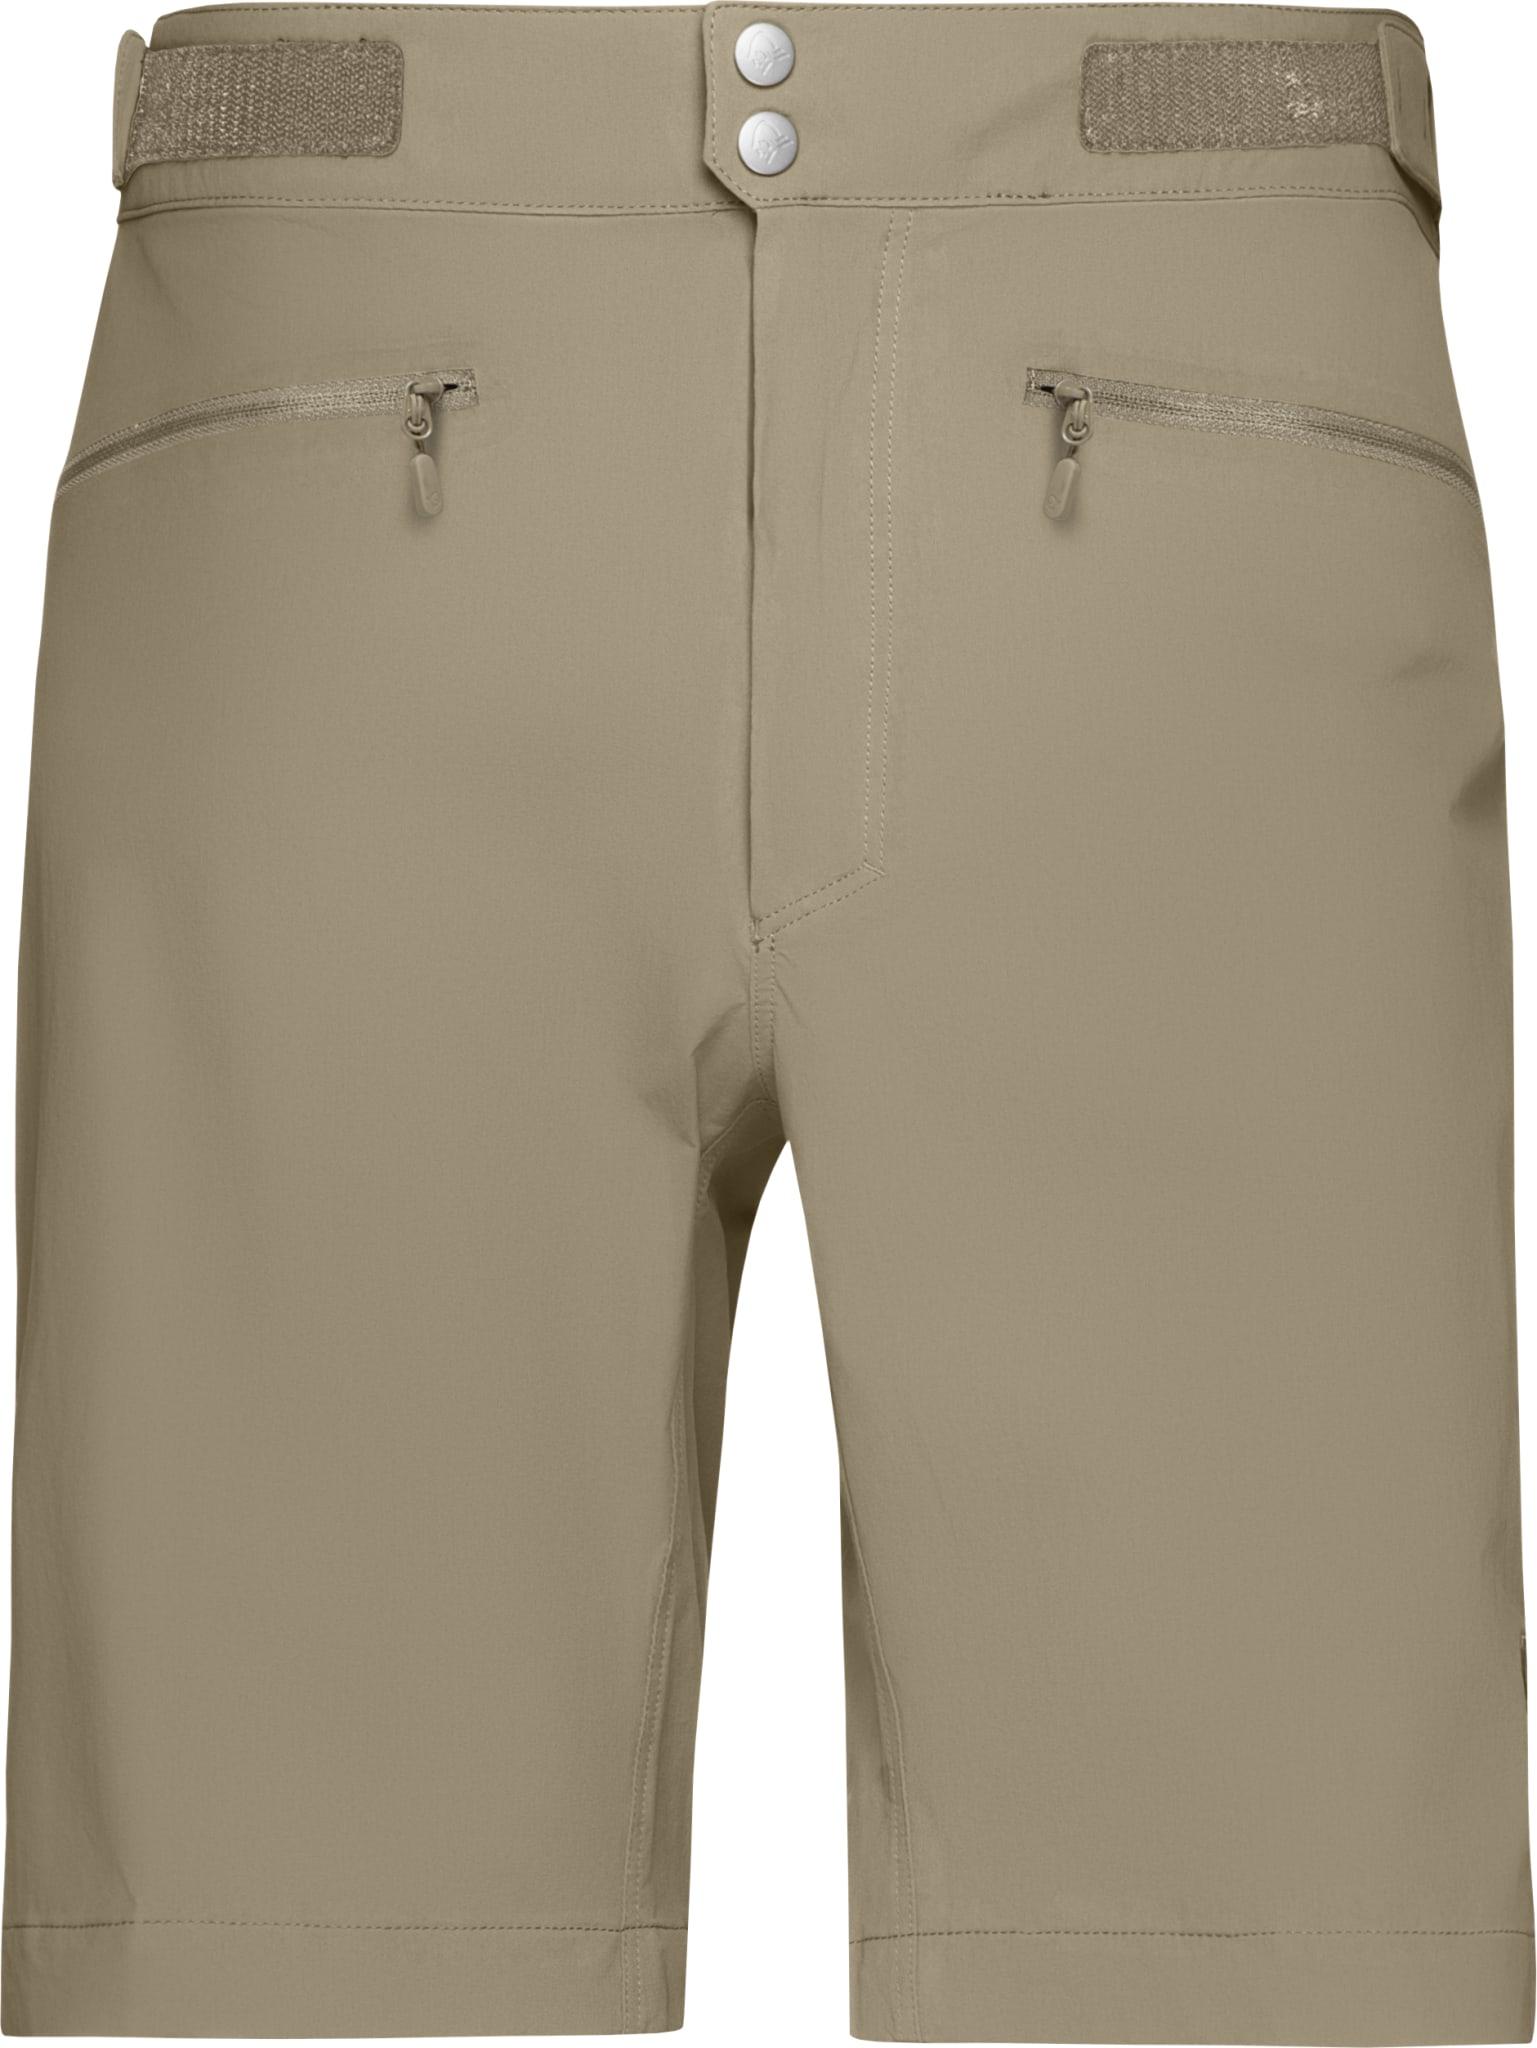 Bitihorn Lightweight Shorts M